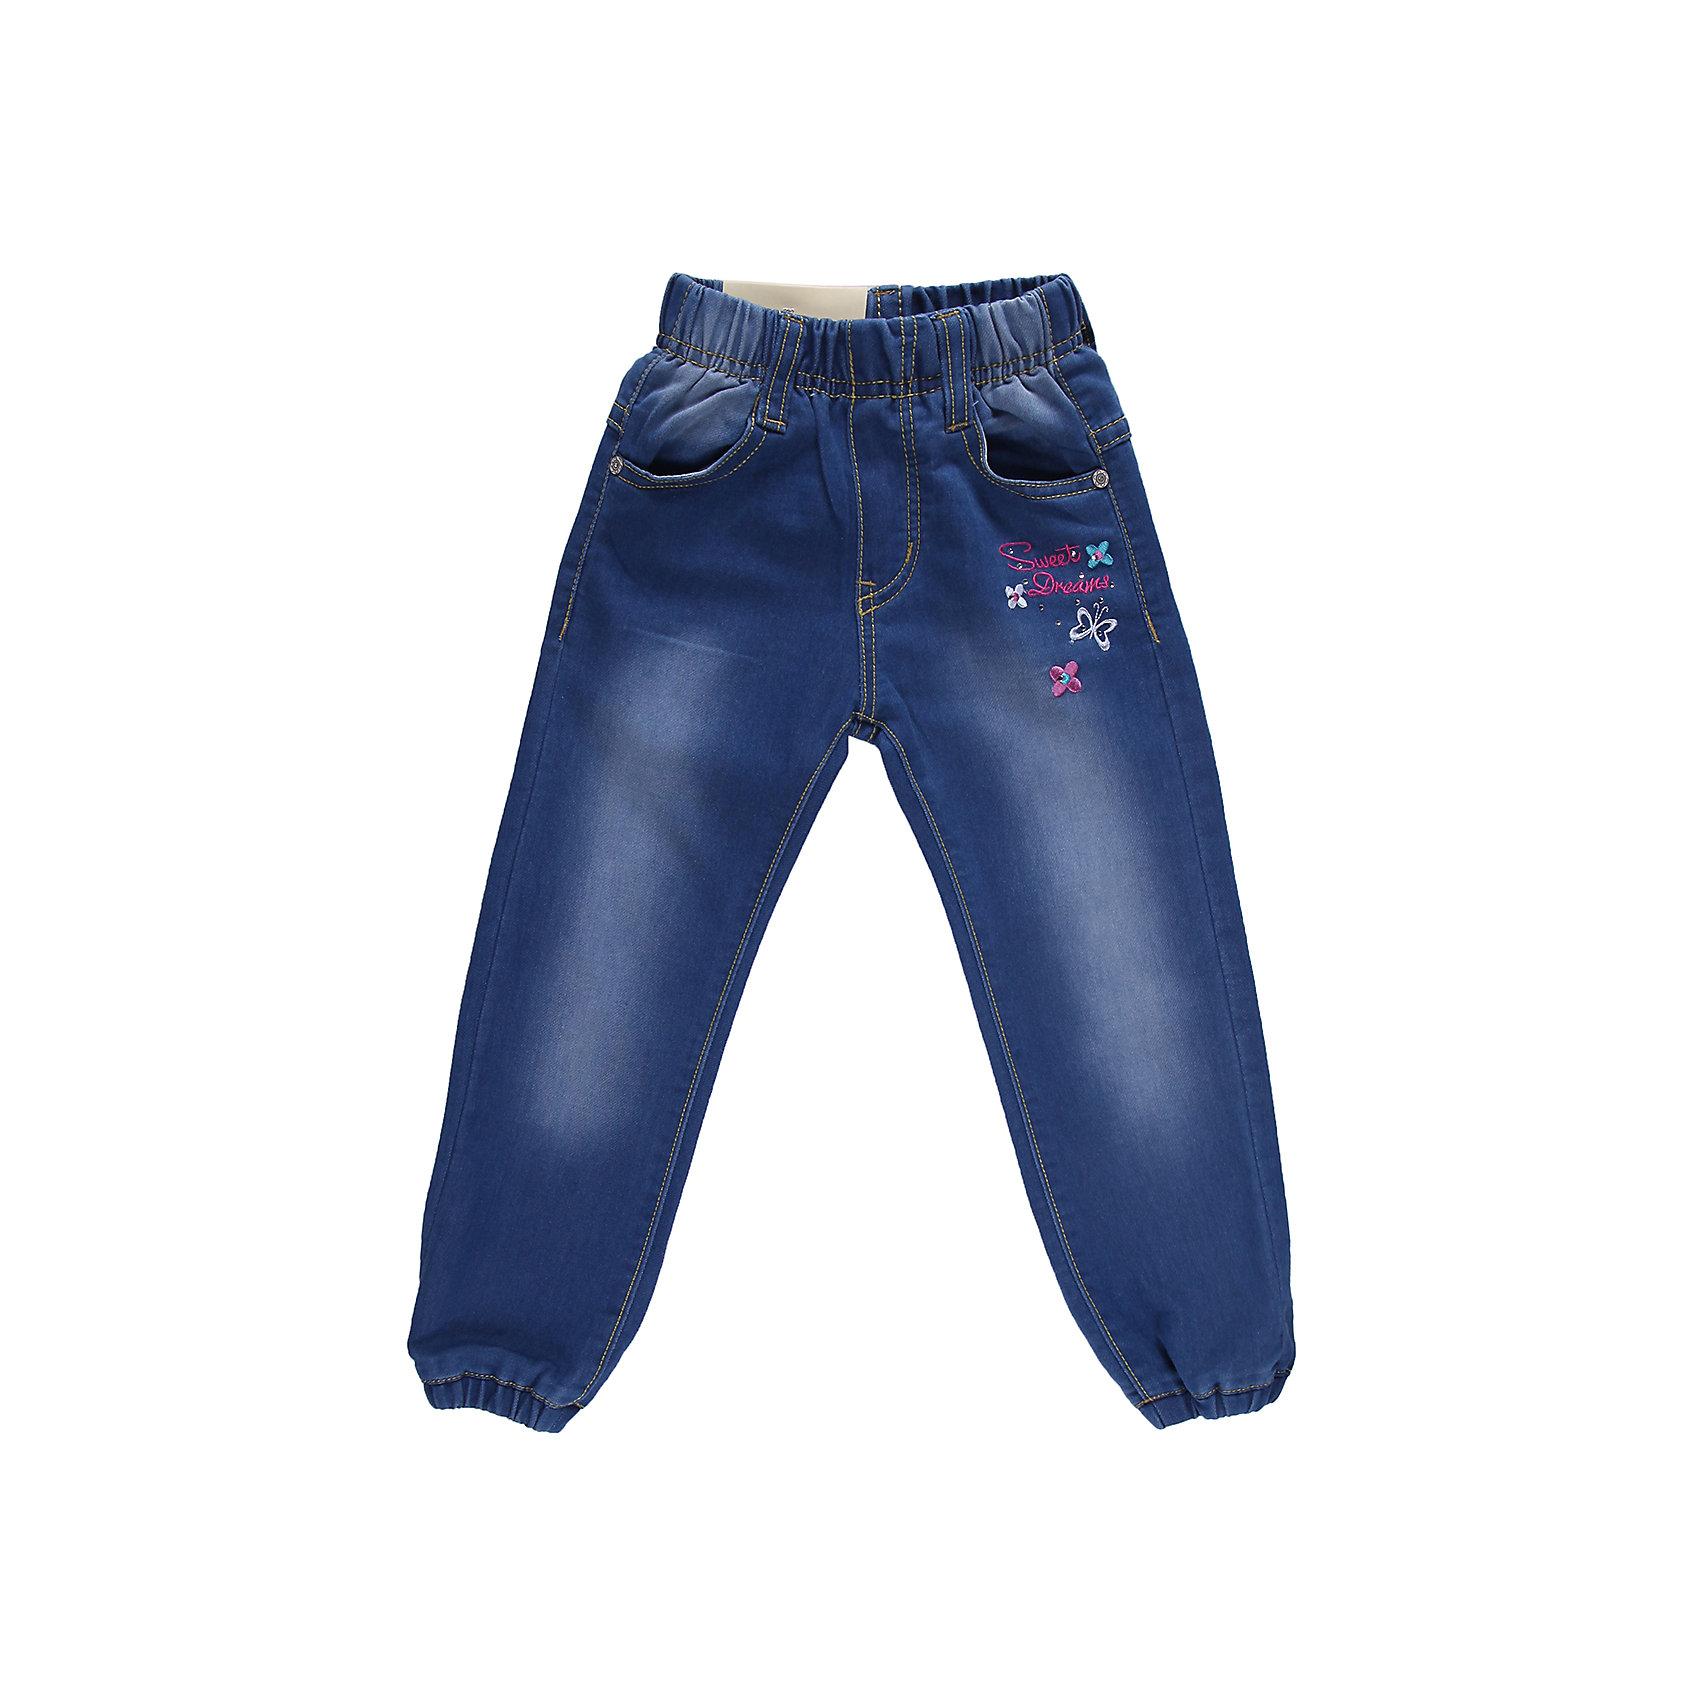 Джинсы для девочки Sweet BerryДжинсовая одежда<br>Джинсы на девочку, украшены вышивкой и  оригинальной металлофурнитурой. Отличный вариант на каждый день. <br>Состав:<br>98% хлопок 2%эластан<br><br>Ширина мм: 215<br>Глубина мм: 88<br>Высота мм: 191<br>Вес г: 336<br>Цвет: синий<br>Возраст от месяцев: 12<br>Возраст до месяцев: 18<br>Пол: Женский<br>Возраст: Детский<br>Размер: 98,92,80,86<br>SKU: 4520518